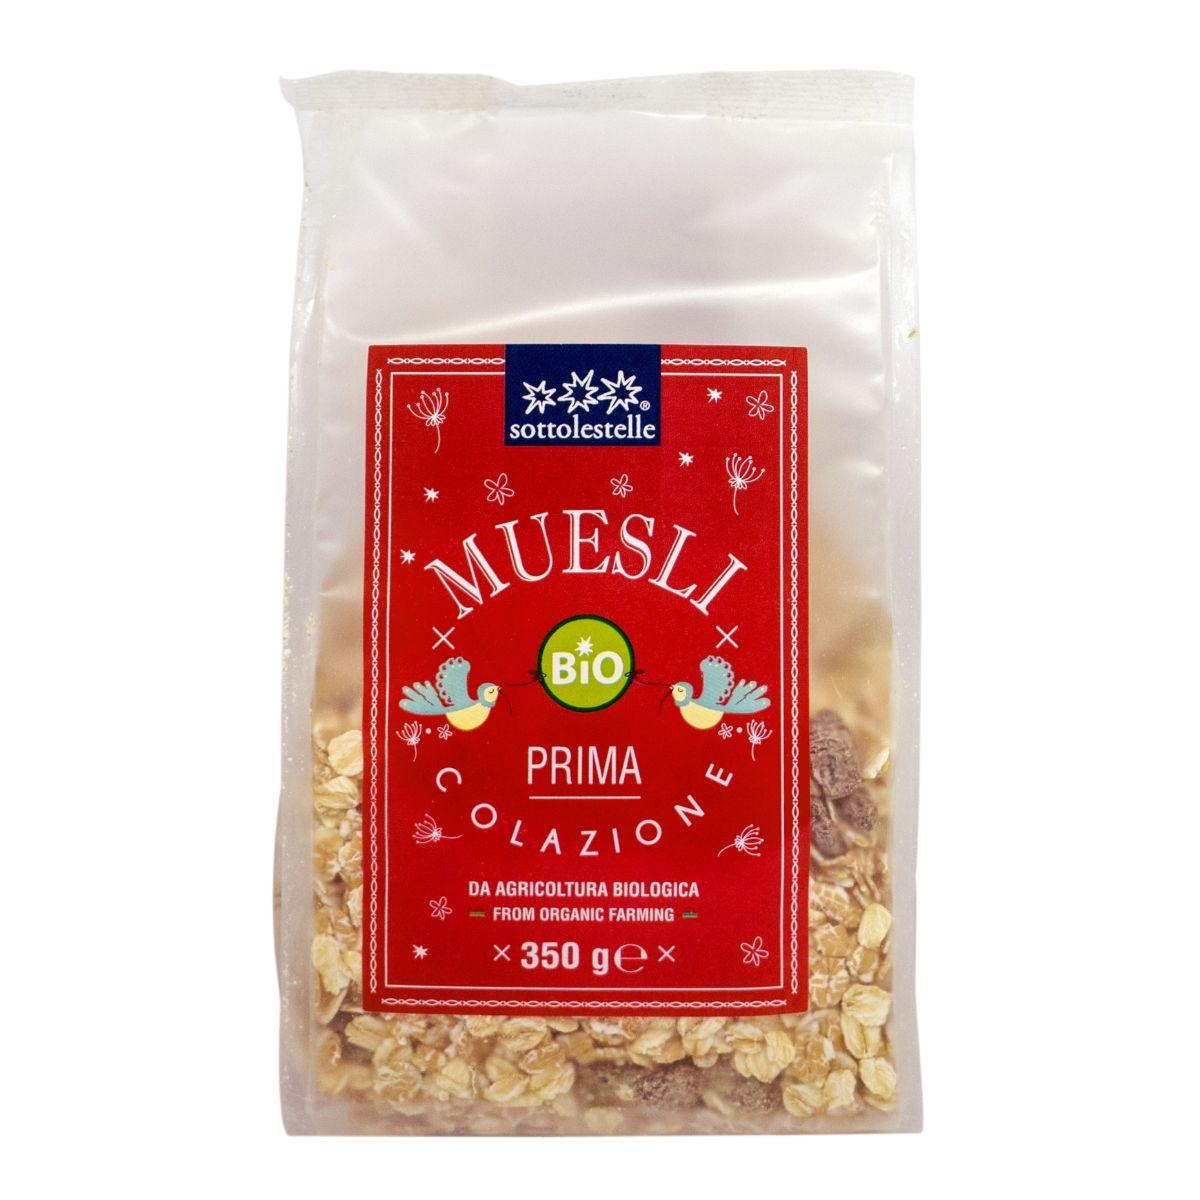 8032454071550 A Ngũ cốc dinh dưỡng Muesli hạnh nhân hữu cơ Sotto 350g - Muesli Prima Colazione